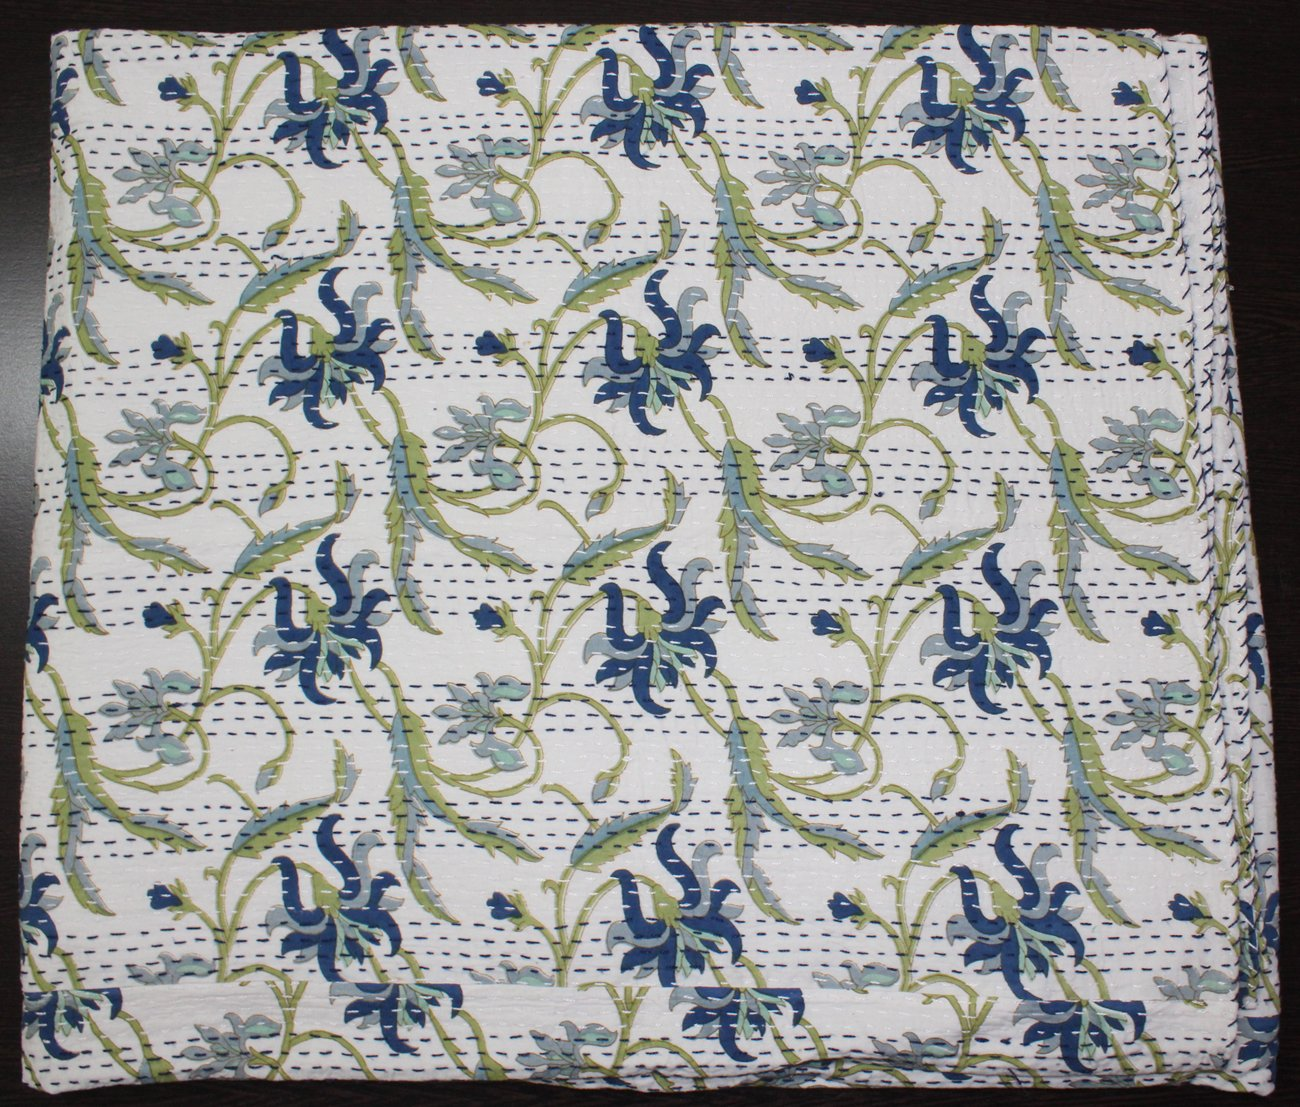 Mangue Gifts x Courtepointe Coton Indien Couvre-lit fabriqu/é par des Artisans de lInde 223,5/x 269,2/cm Environ